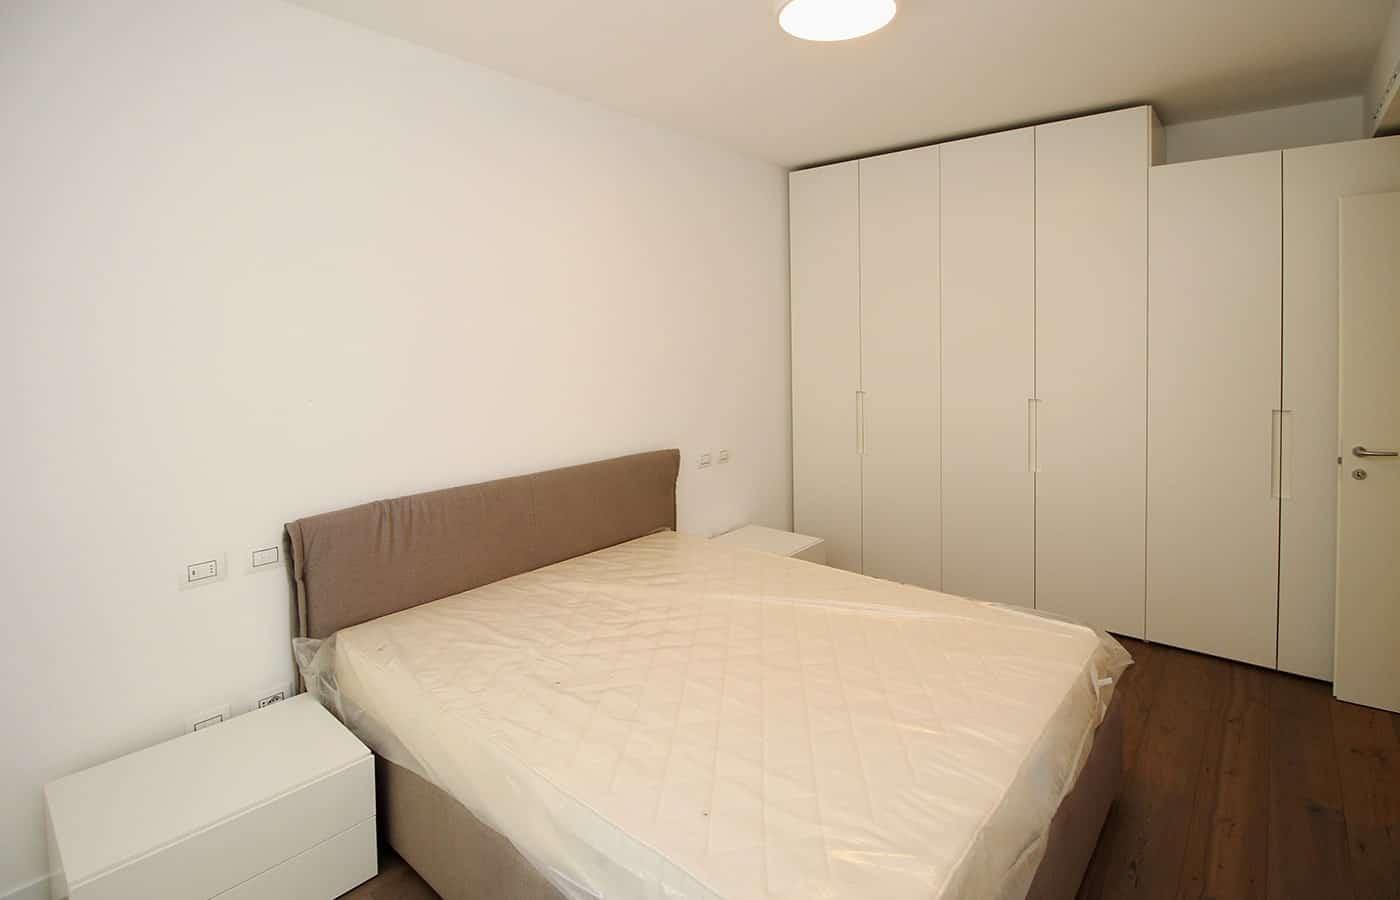 Camera da letto - Progetto Corso Porta Romana Milano - Il Mobile